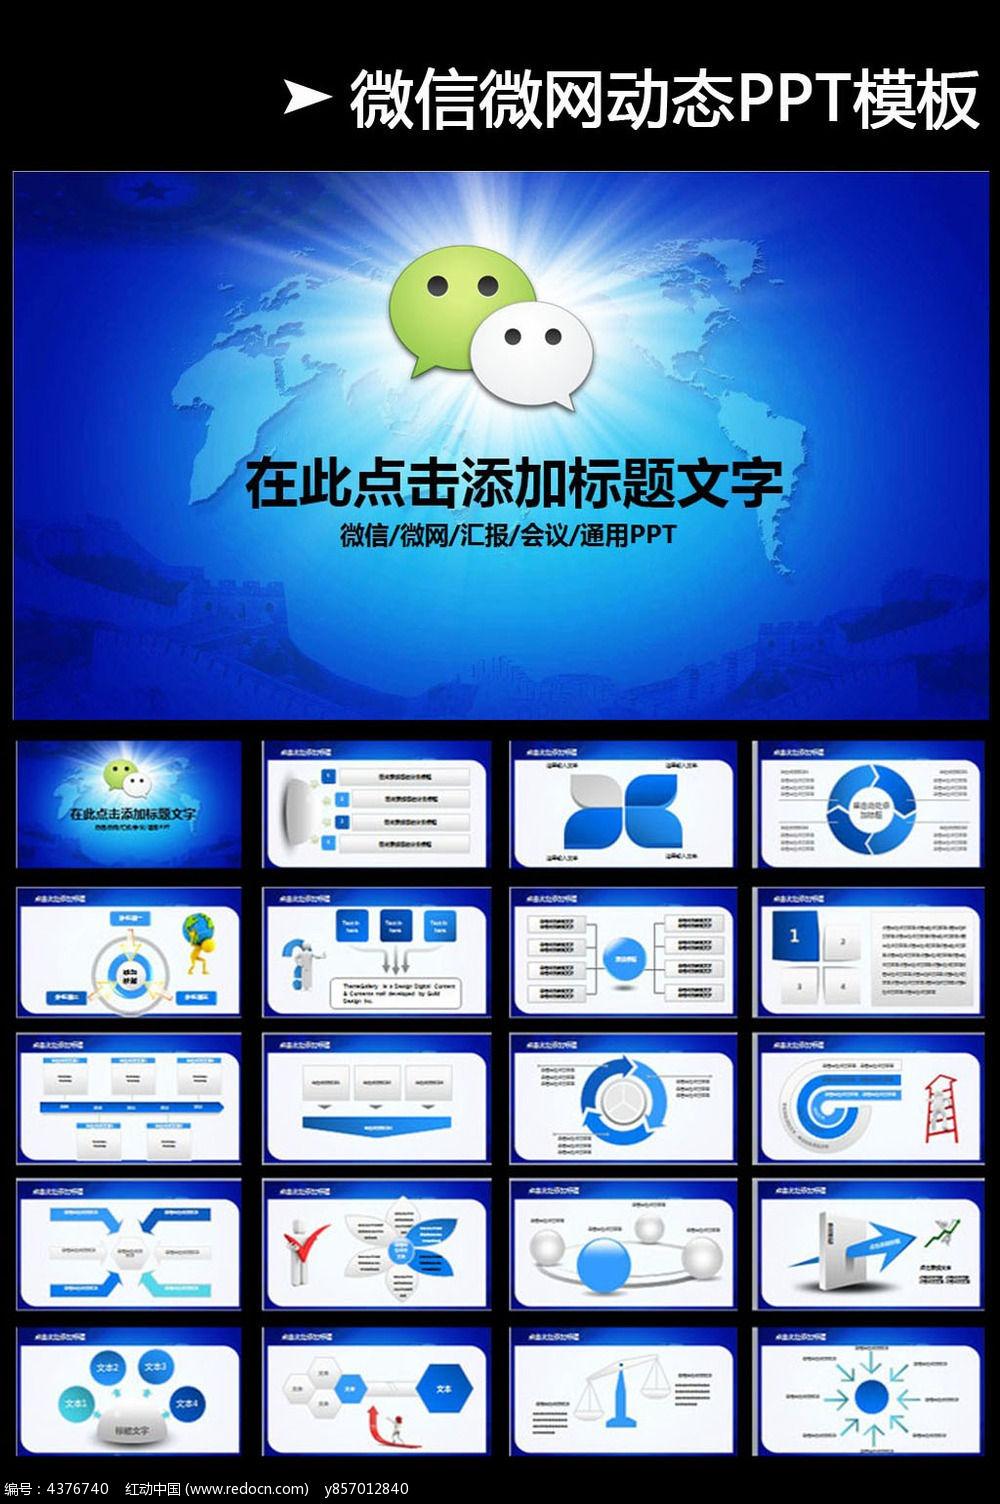 微信公众平台培训课件ppt模板pptx素材下载